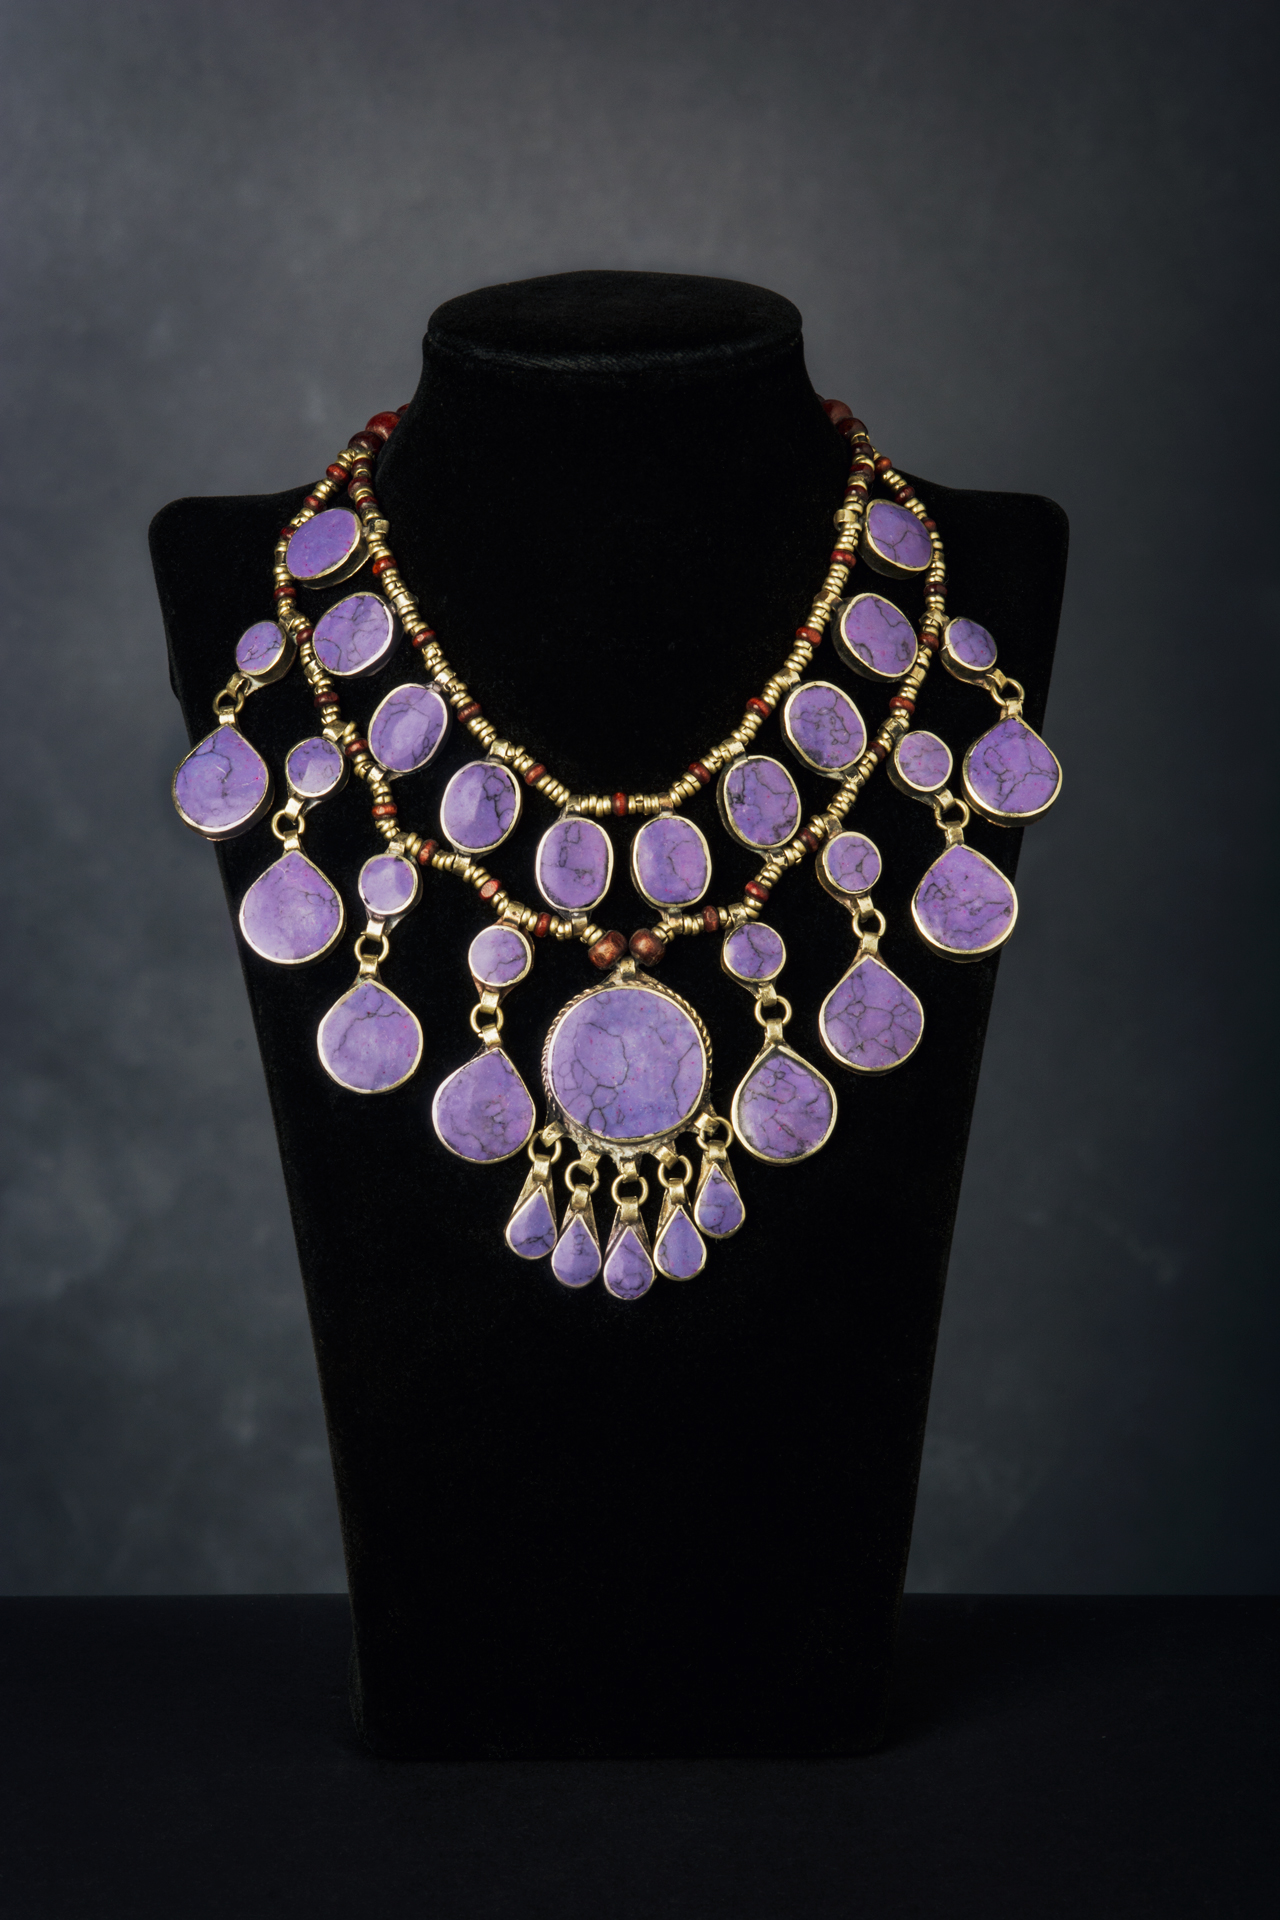 Kali's Jewelry